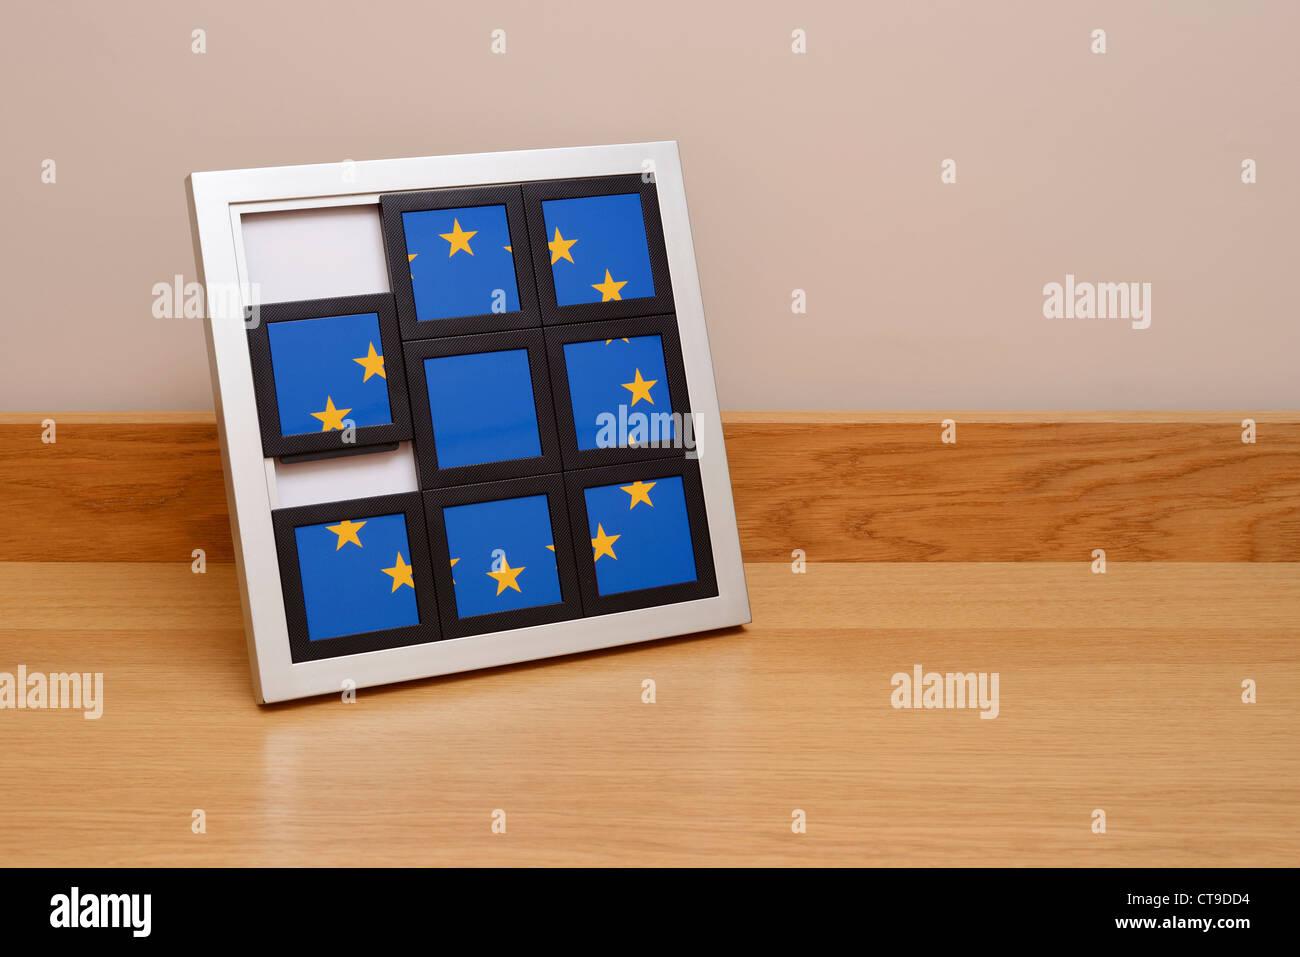 Europa la UE bandera dividir concepto Imagen De Stock